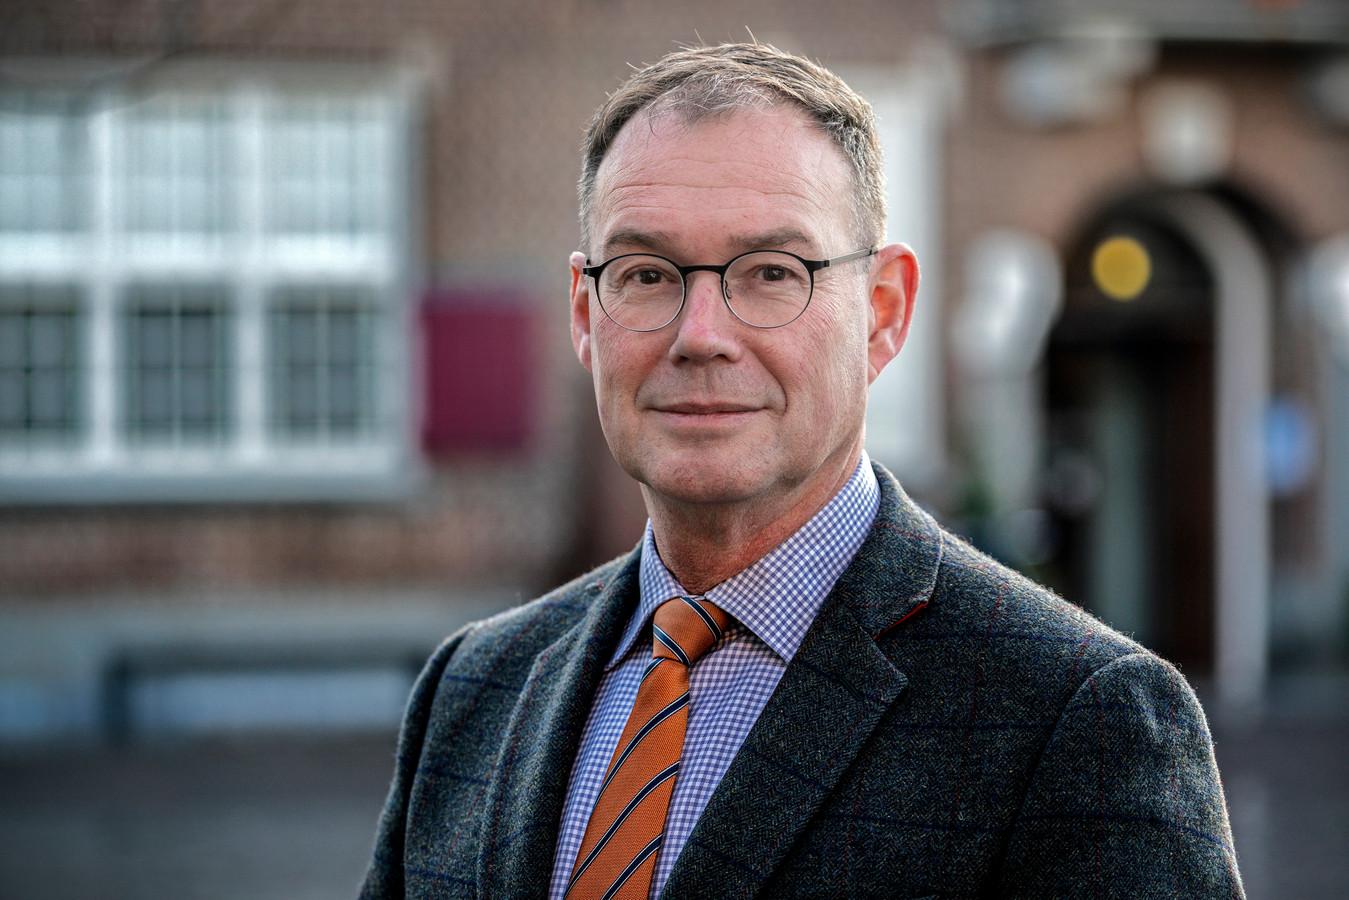 Burgemeester Ronald van Meygaarden van Boxtel is niet bang dat er volgend jaar na de gemeenteraadsverkiezingen in Gestel alsnog een nieuwe wind gaat waaien.